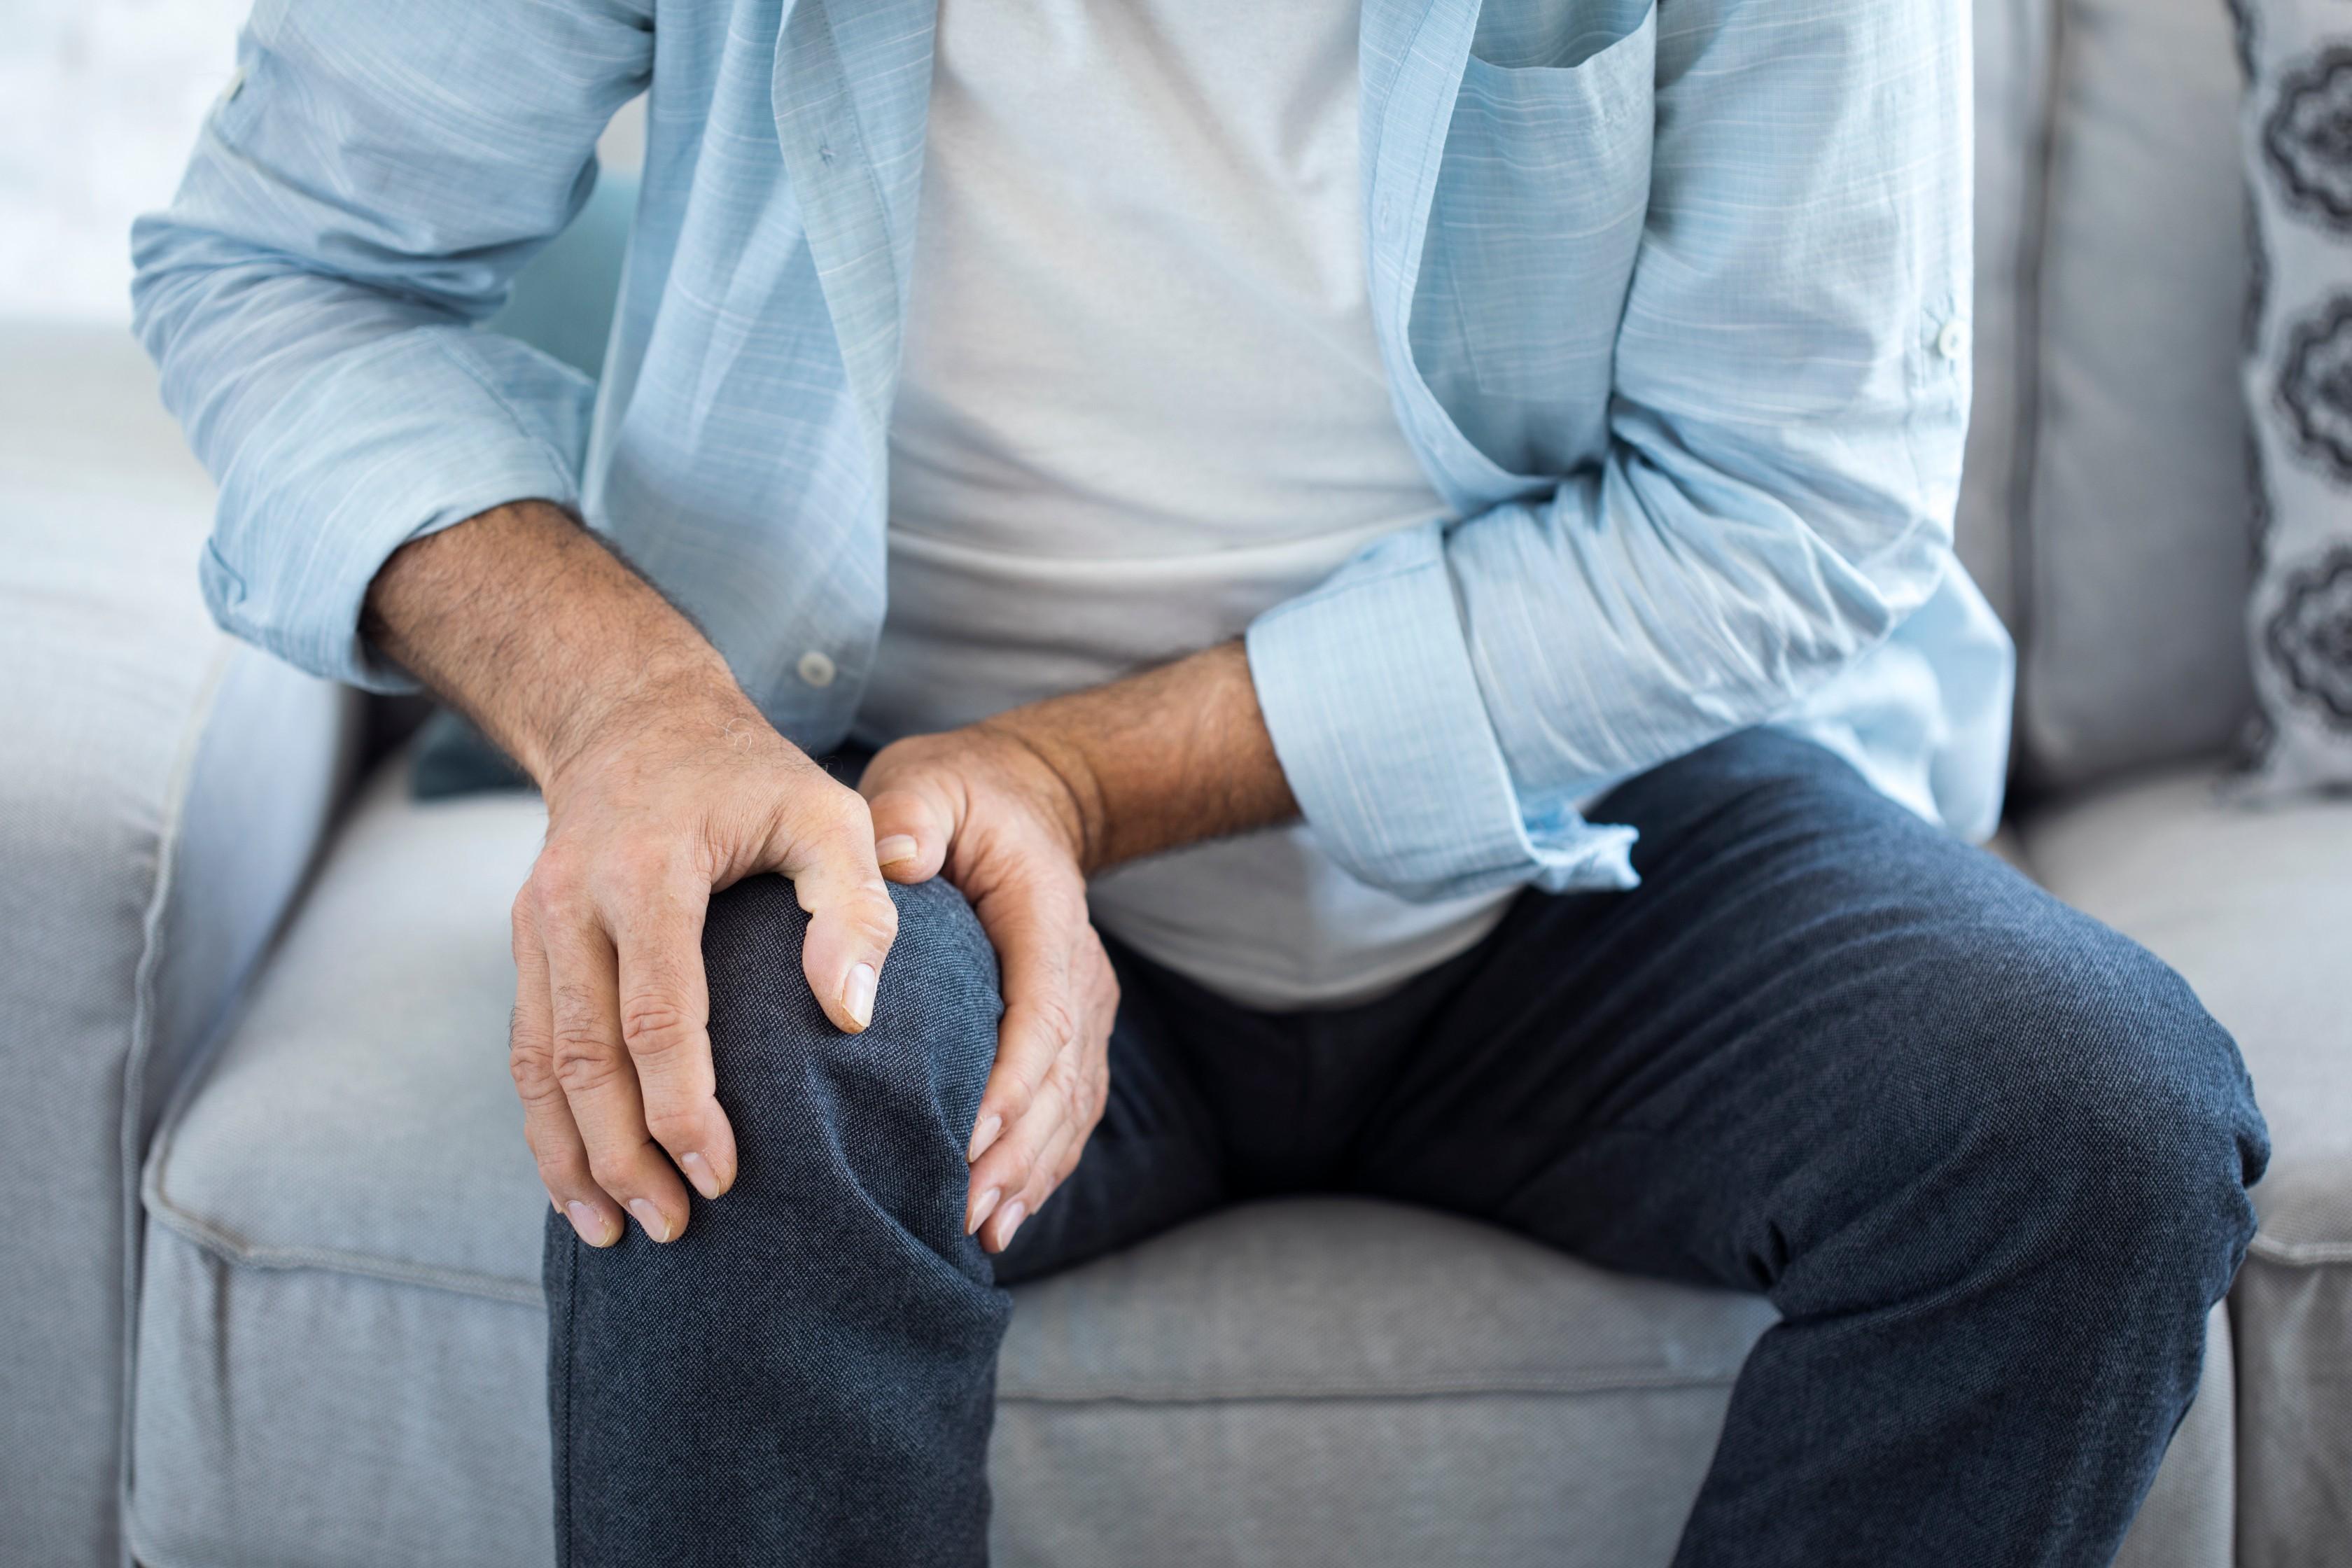 hogyan kell használni a maklura izületi fájdalmakkal koksz artrózis hogyan lehet kezelni